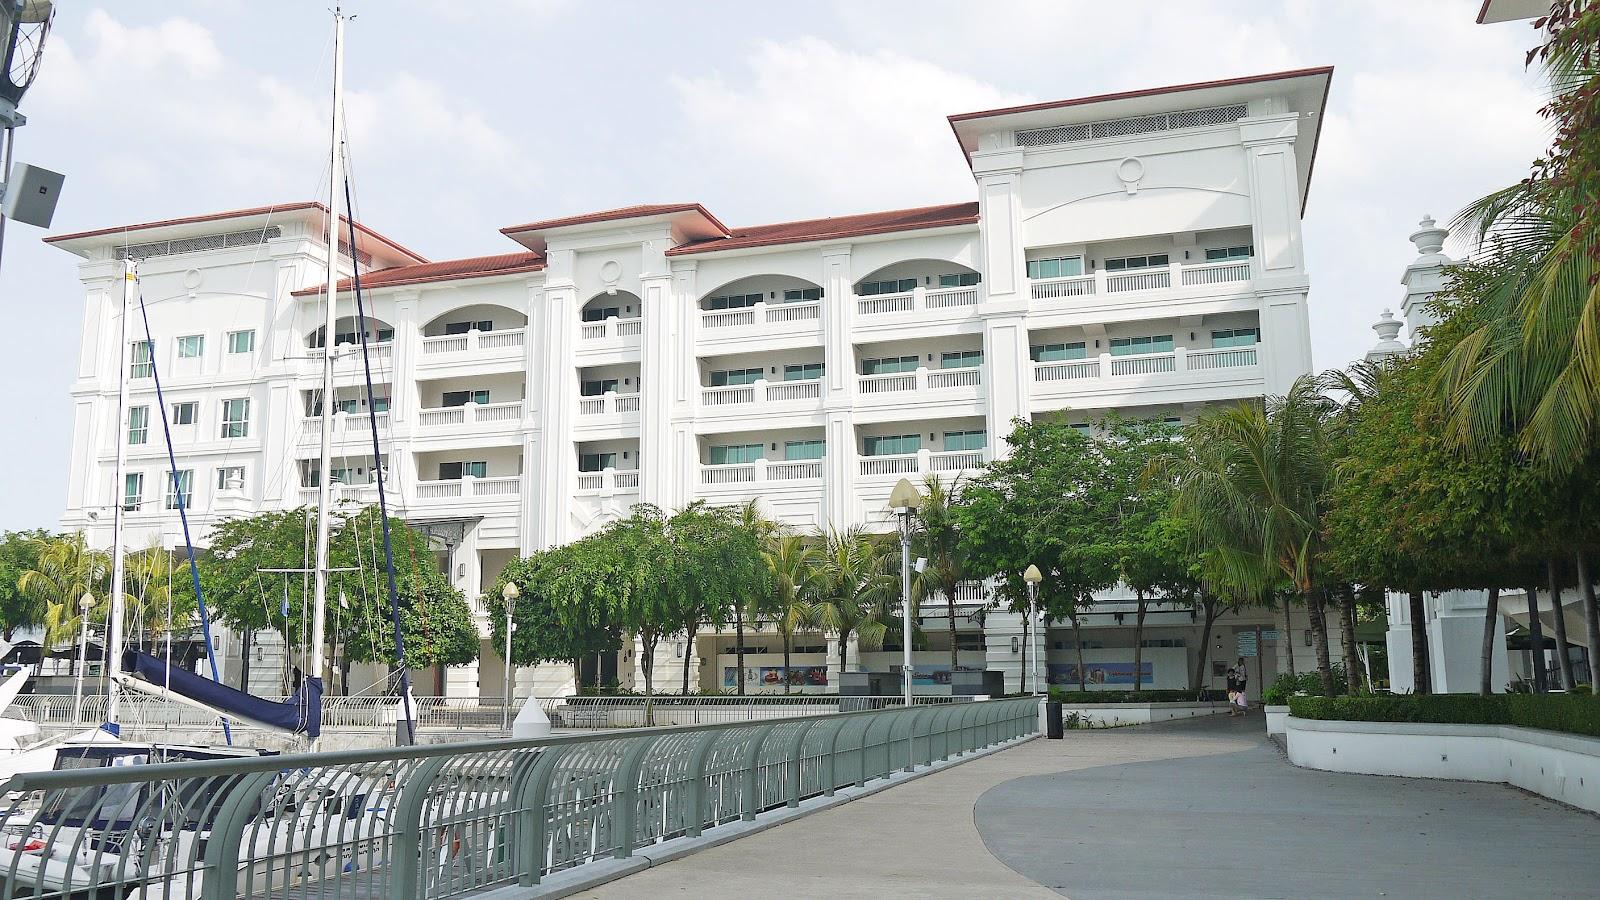 Penang 2012 June 1